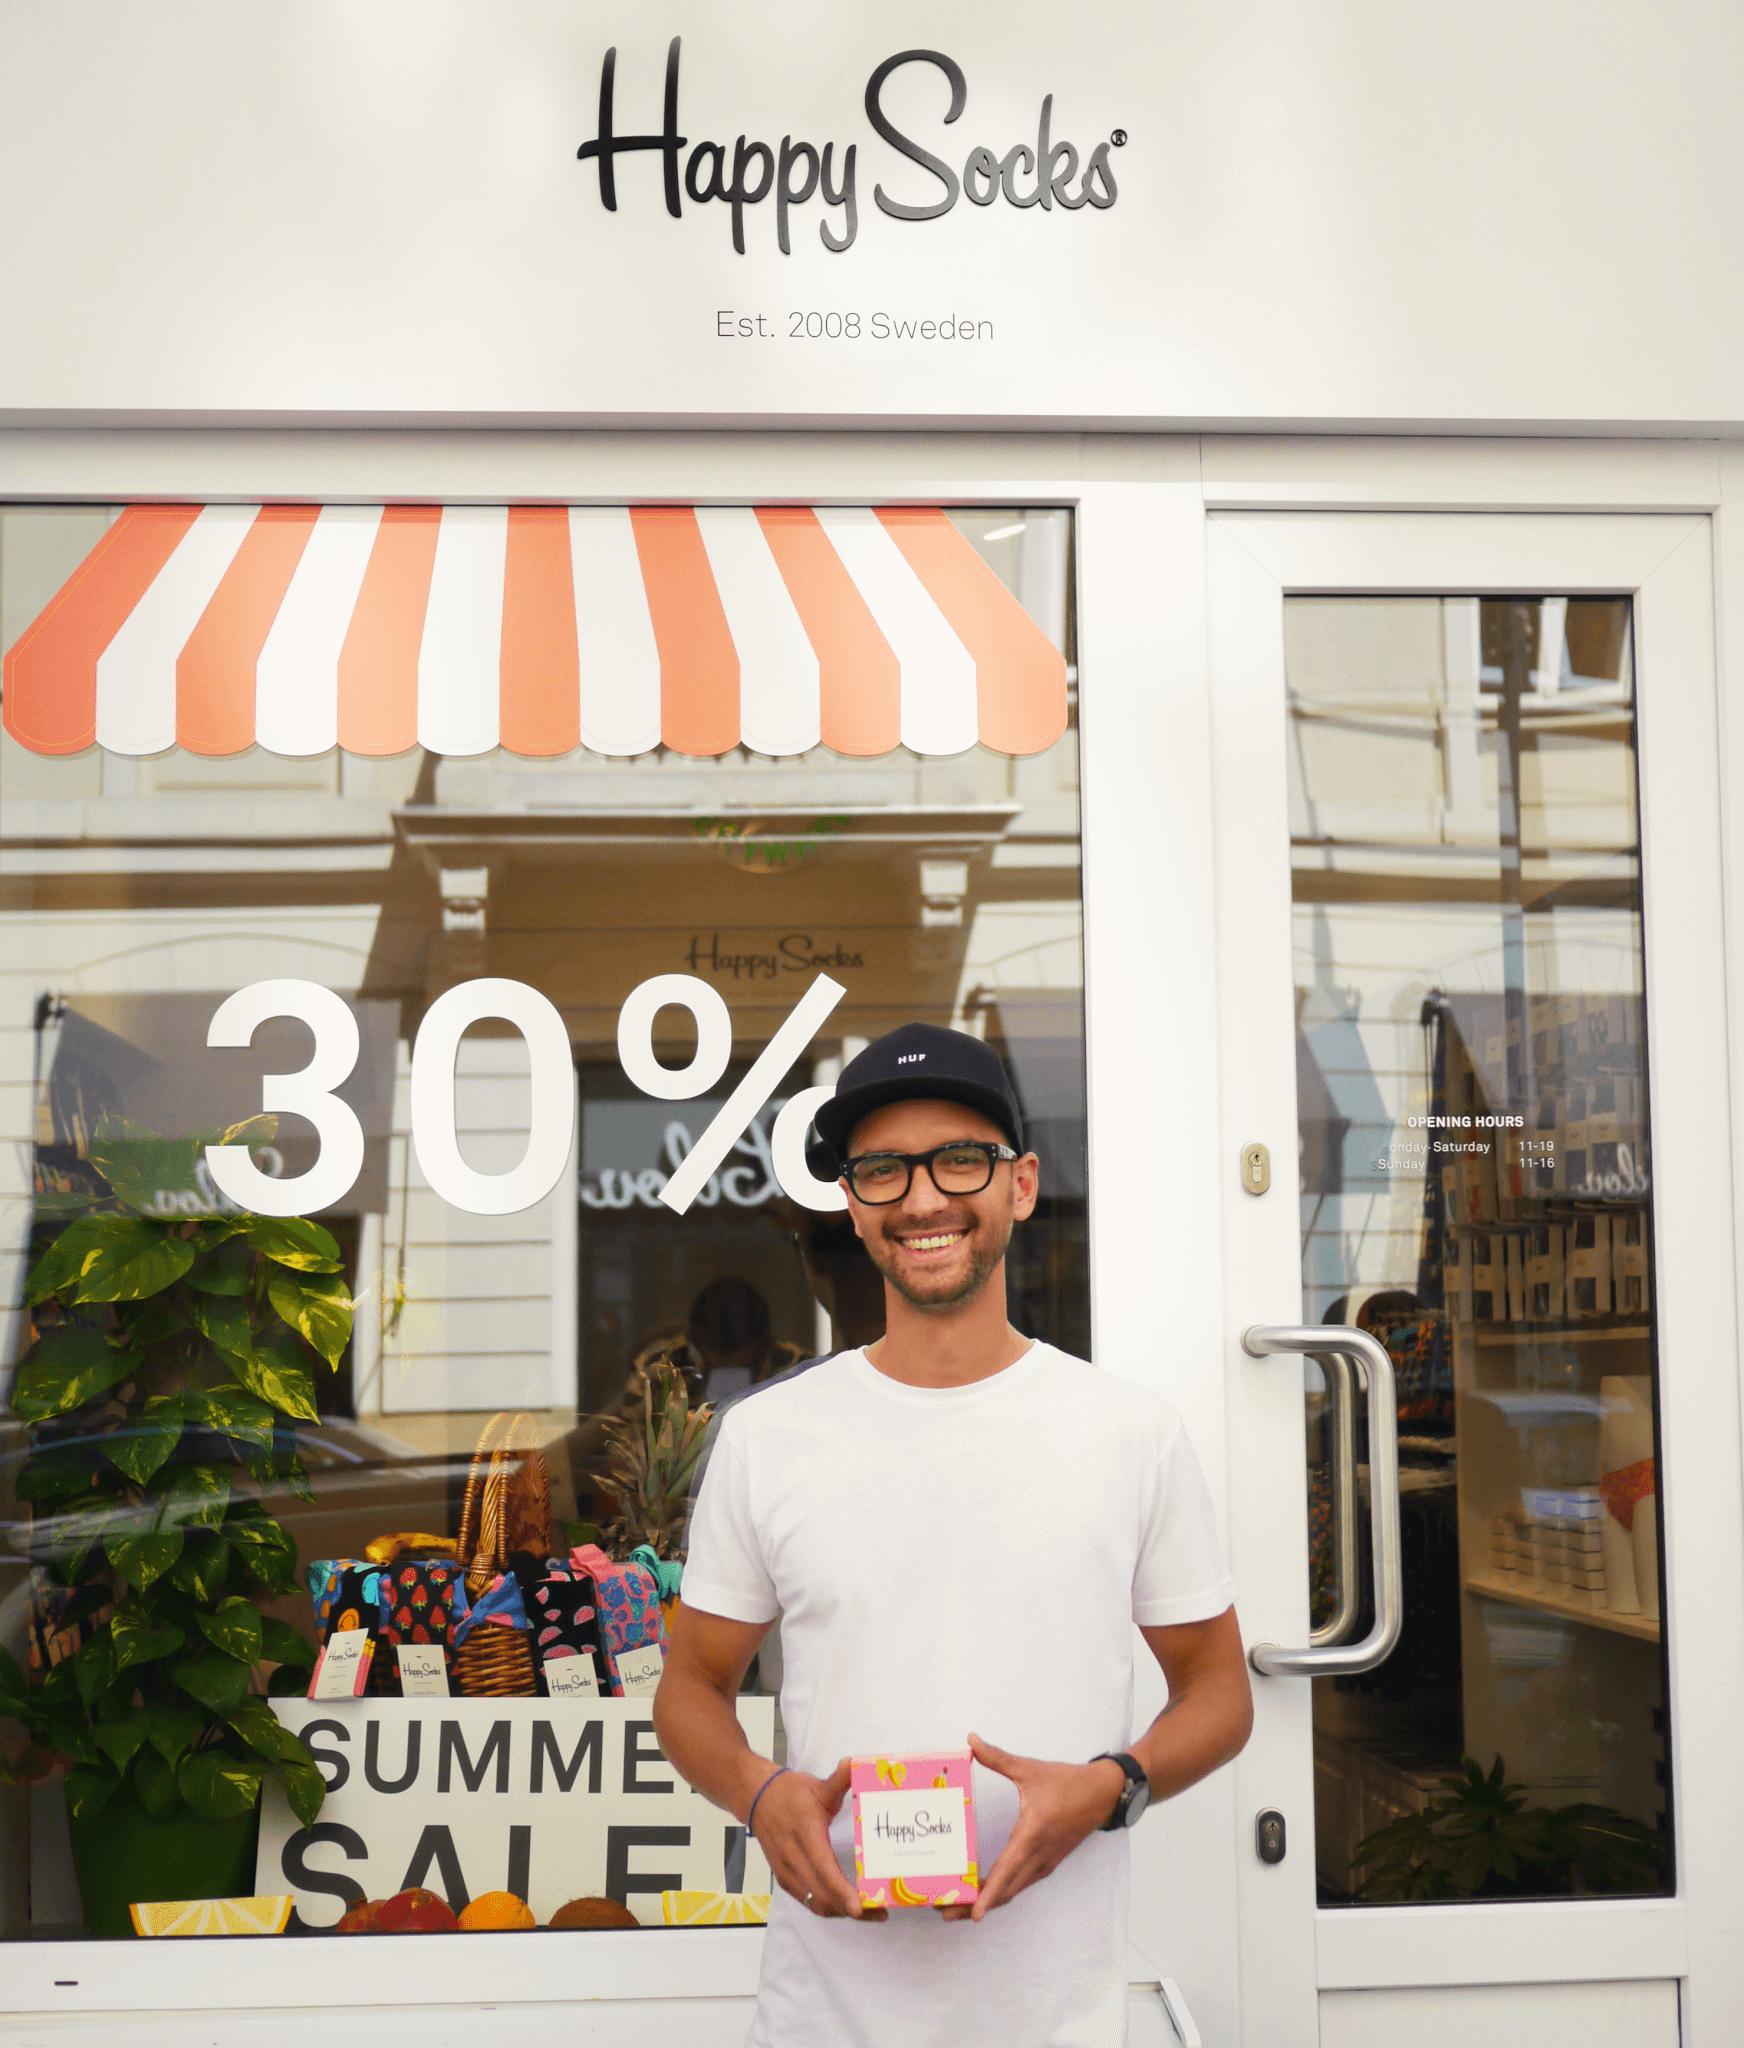 El fundador de Happy Socks nos enseña su tienda física